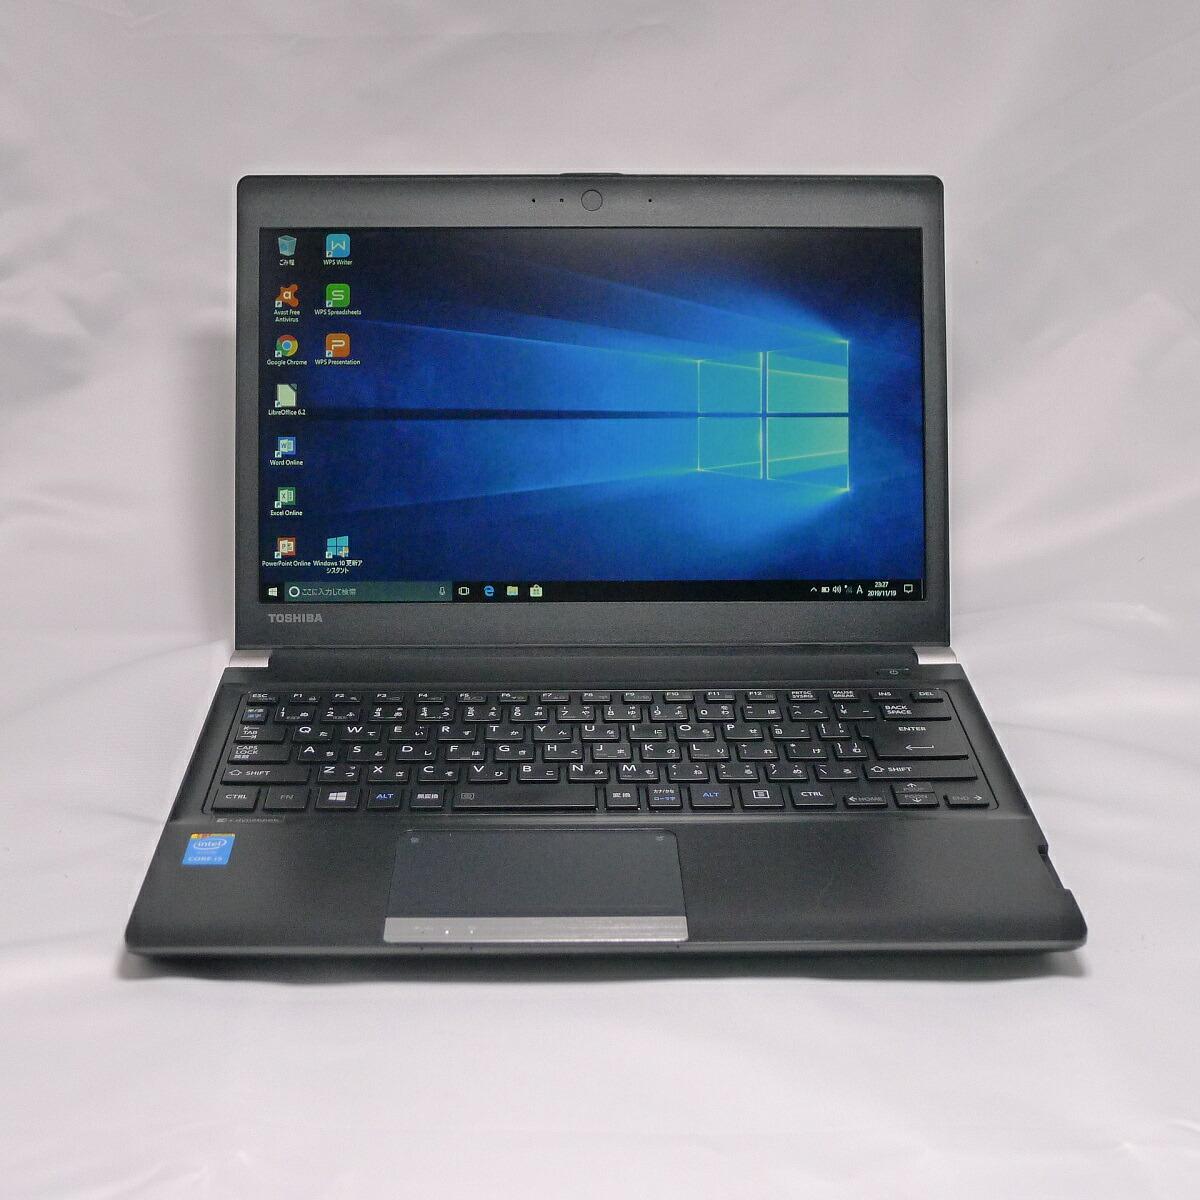 TOSHIBA アウトレット☆送料無料 dynabook ご予約品 R734 Core i3 8GB 新品SSD240GB スーパーマルチ 無線LAN 13.3インチ ノートパソコン Windows10 中古 64bitWPSOffice 中古パソコン